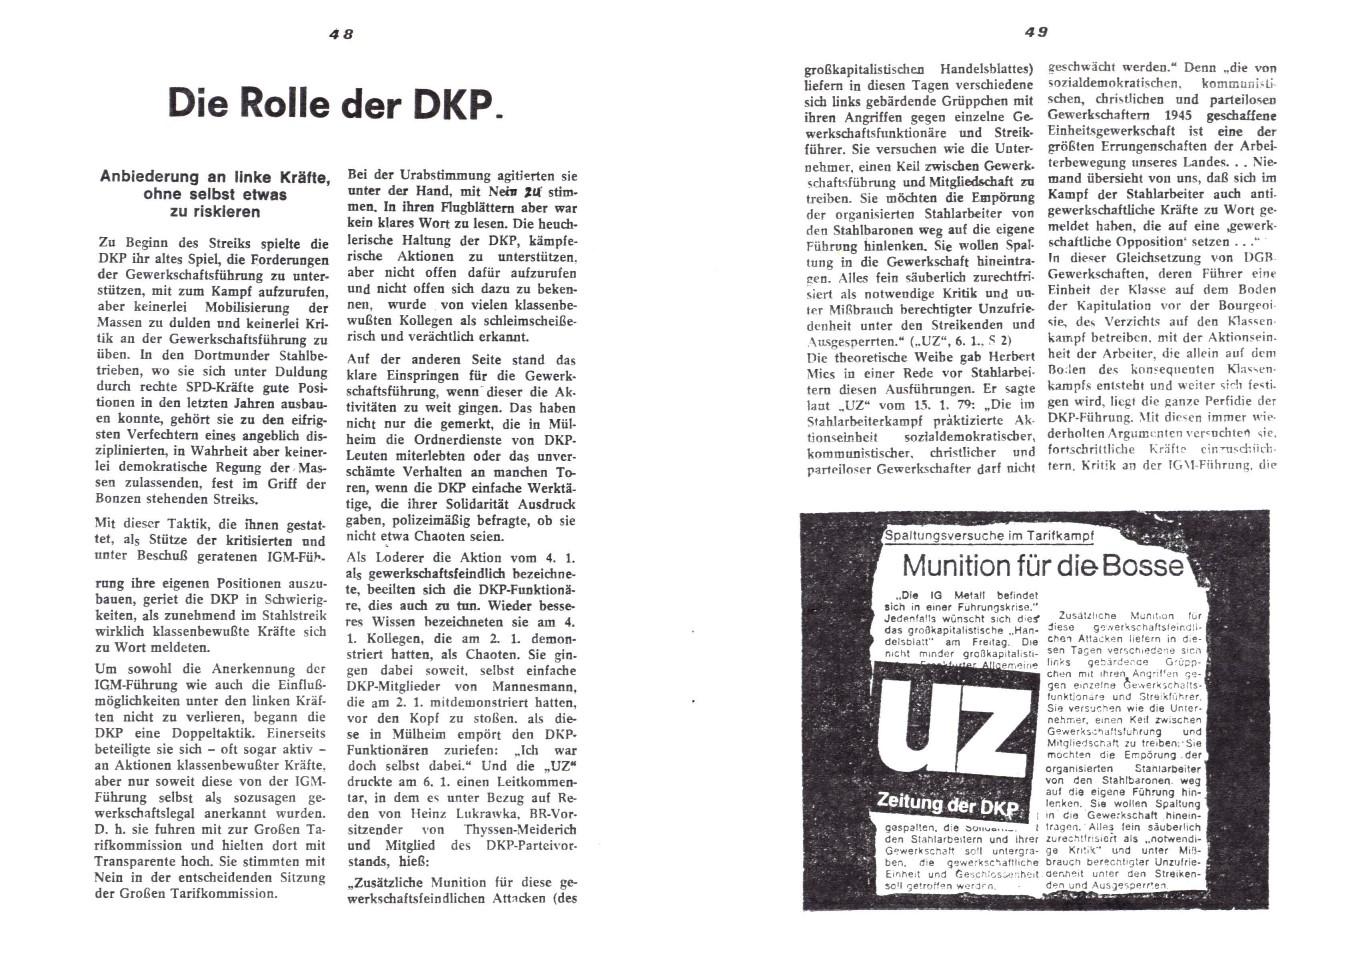 KPDAO_1979_Streik_in_der_Stahlindustrie_26